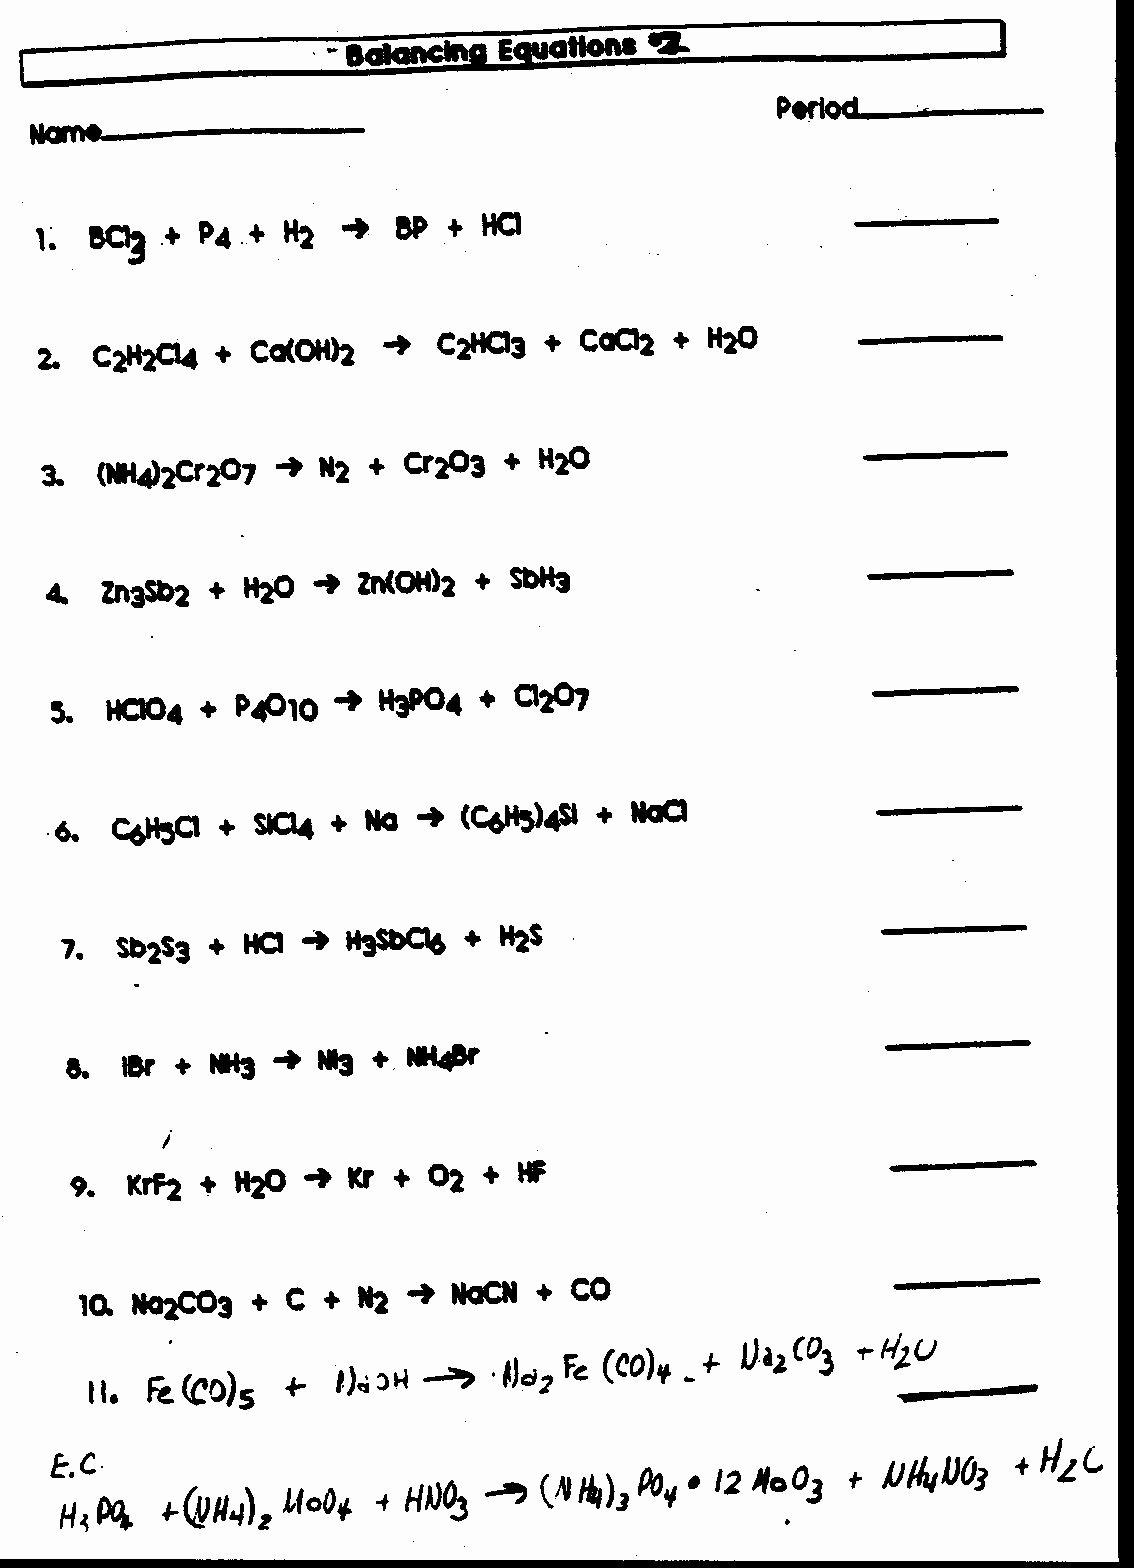 50 Balancing Equations Worksheet Answers